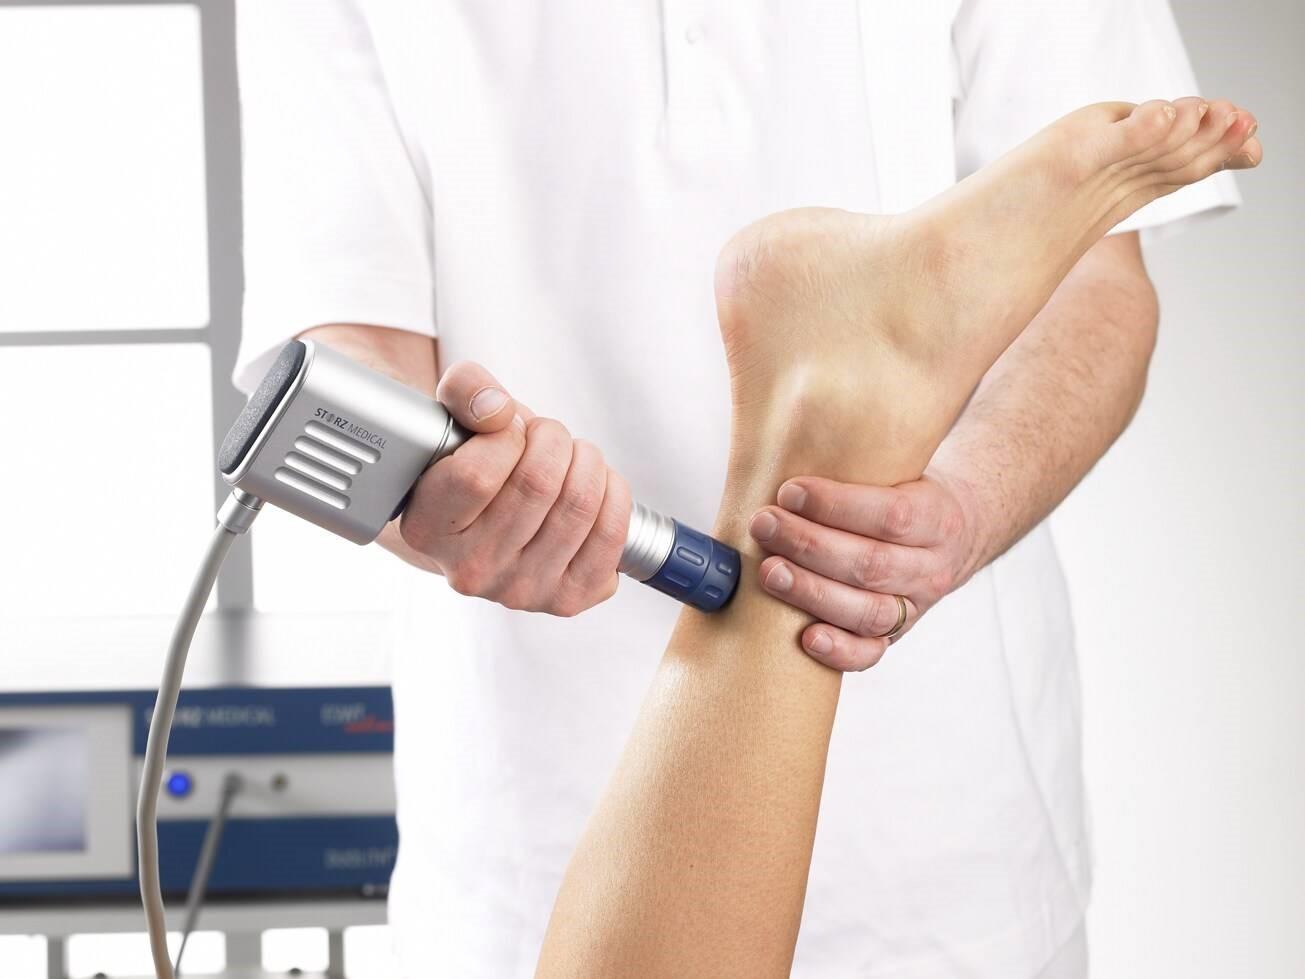 متد شاک ویوتراپی چه مزایایی نسبت به سایر درمان ها دارد؟